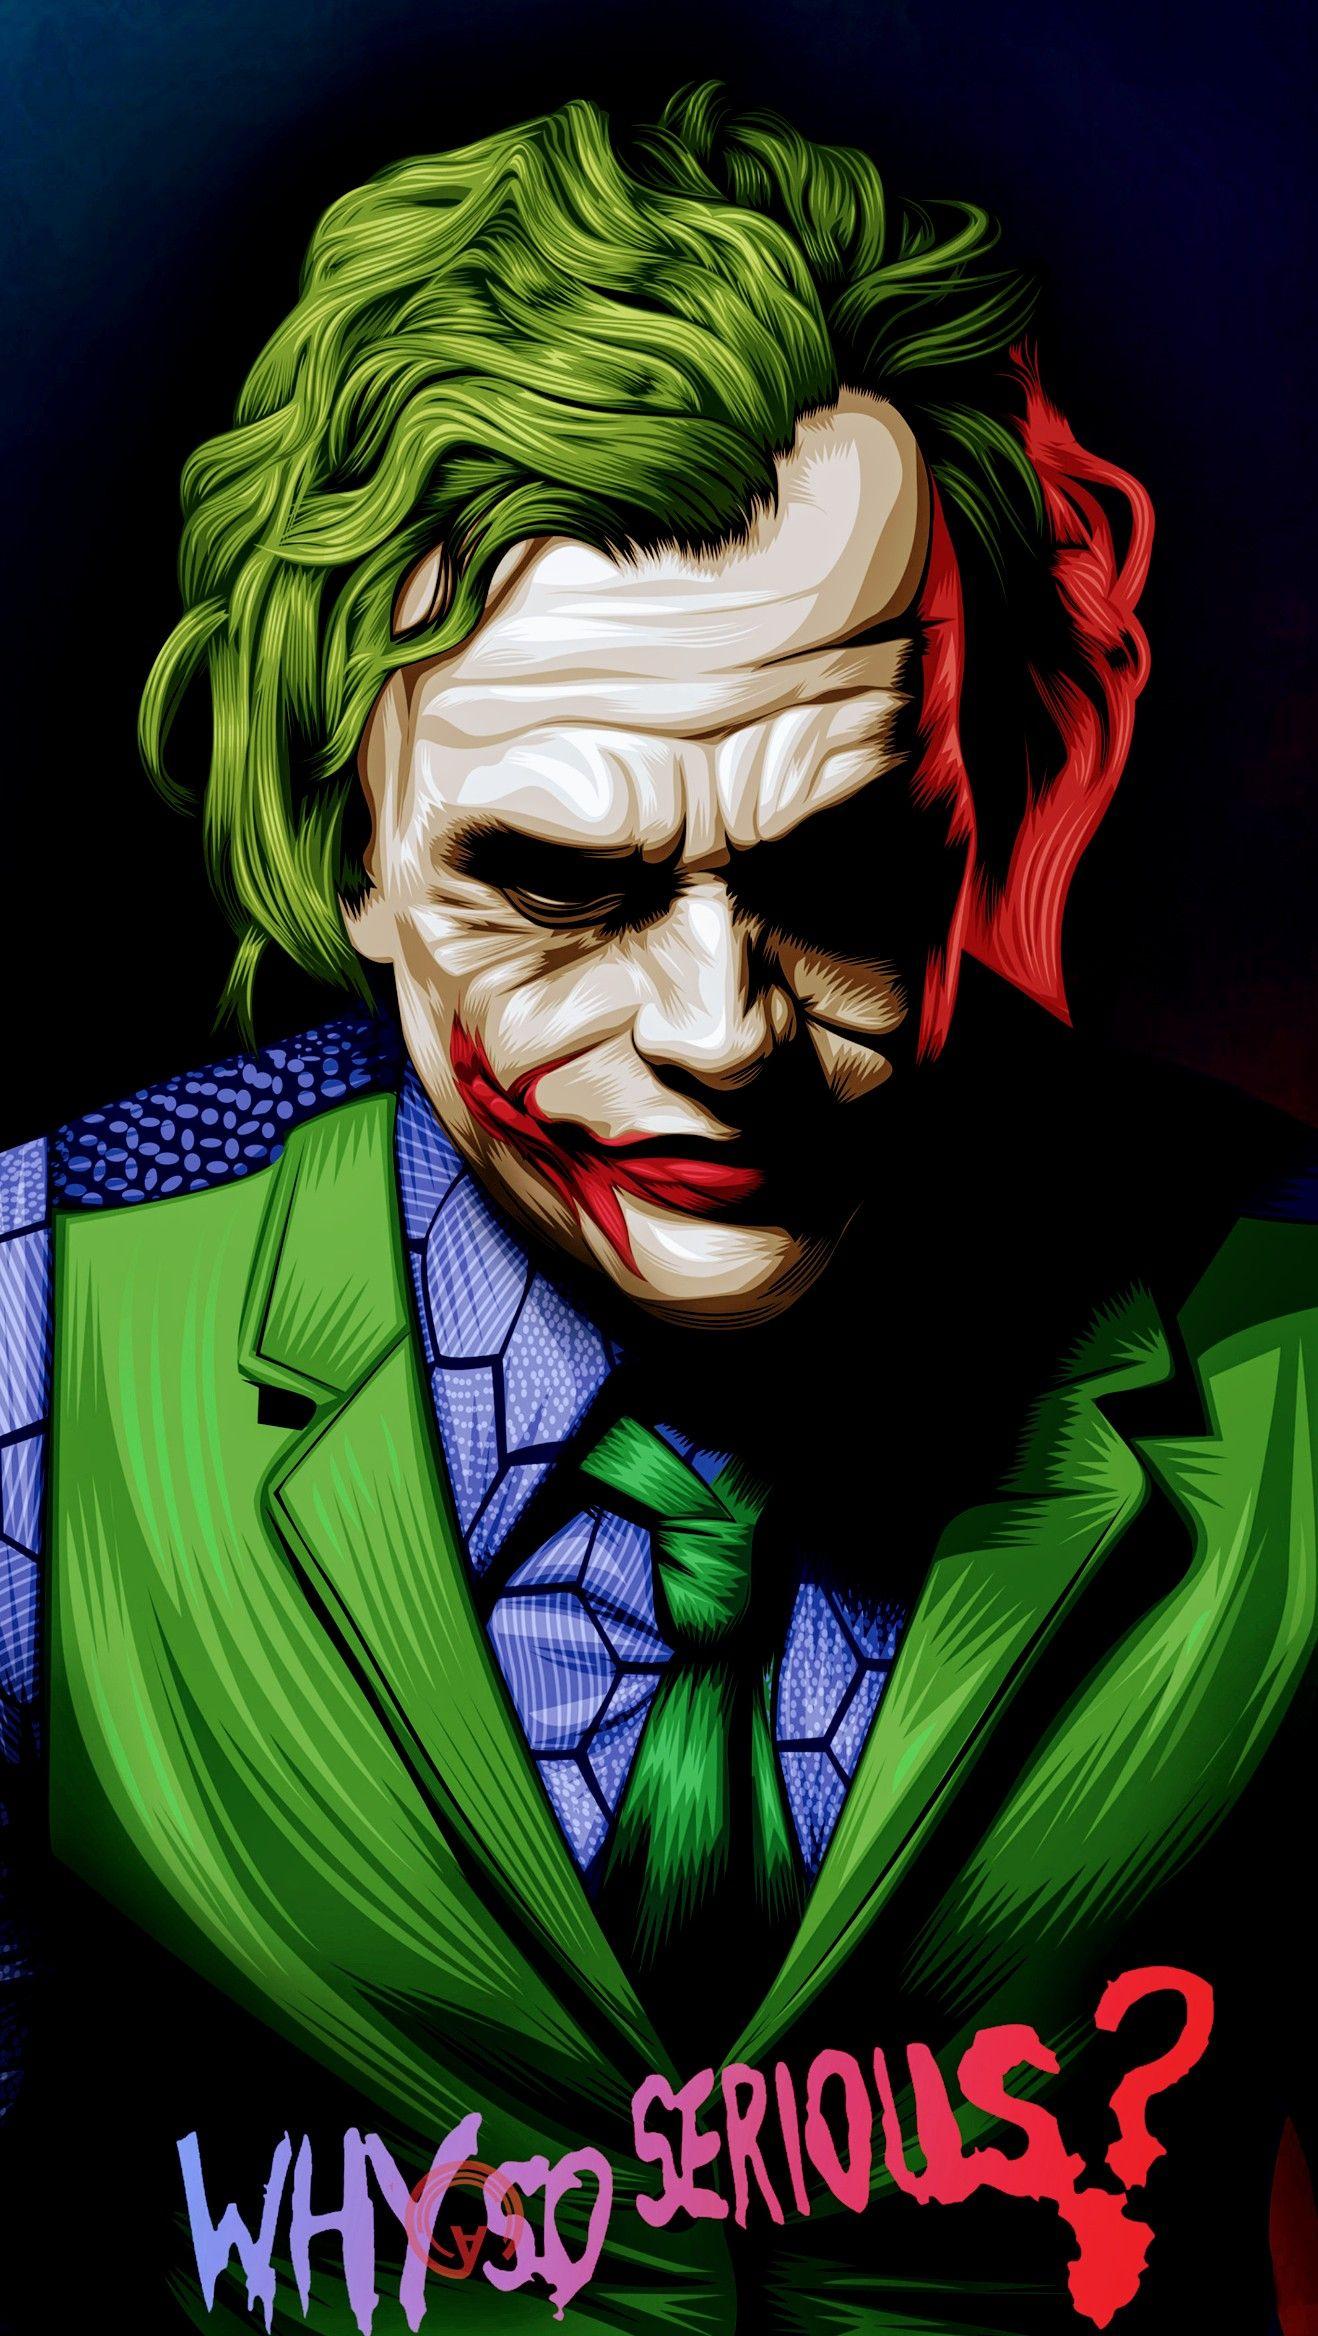 The Joker Why So Serious Joker Wallpapers Batman Joker Wallpaper Joker Hd Wallpaper